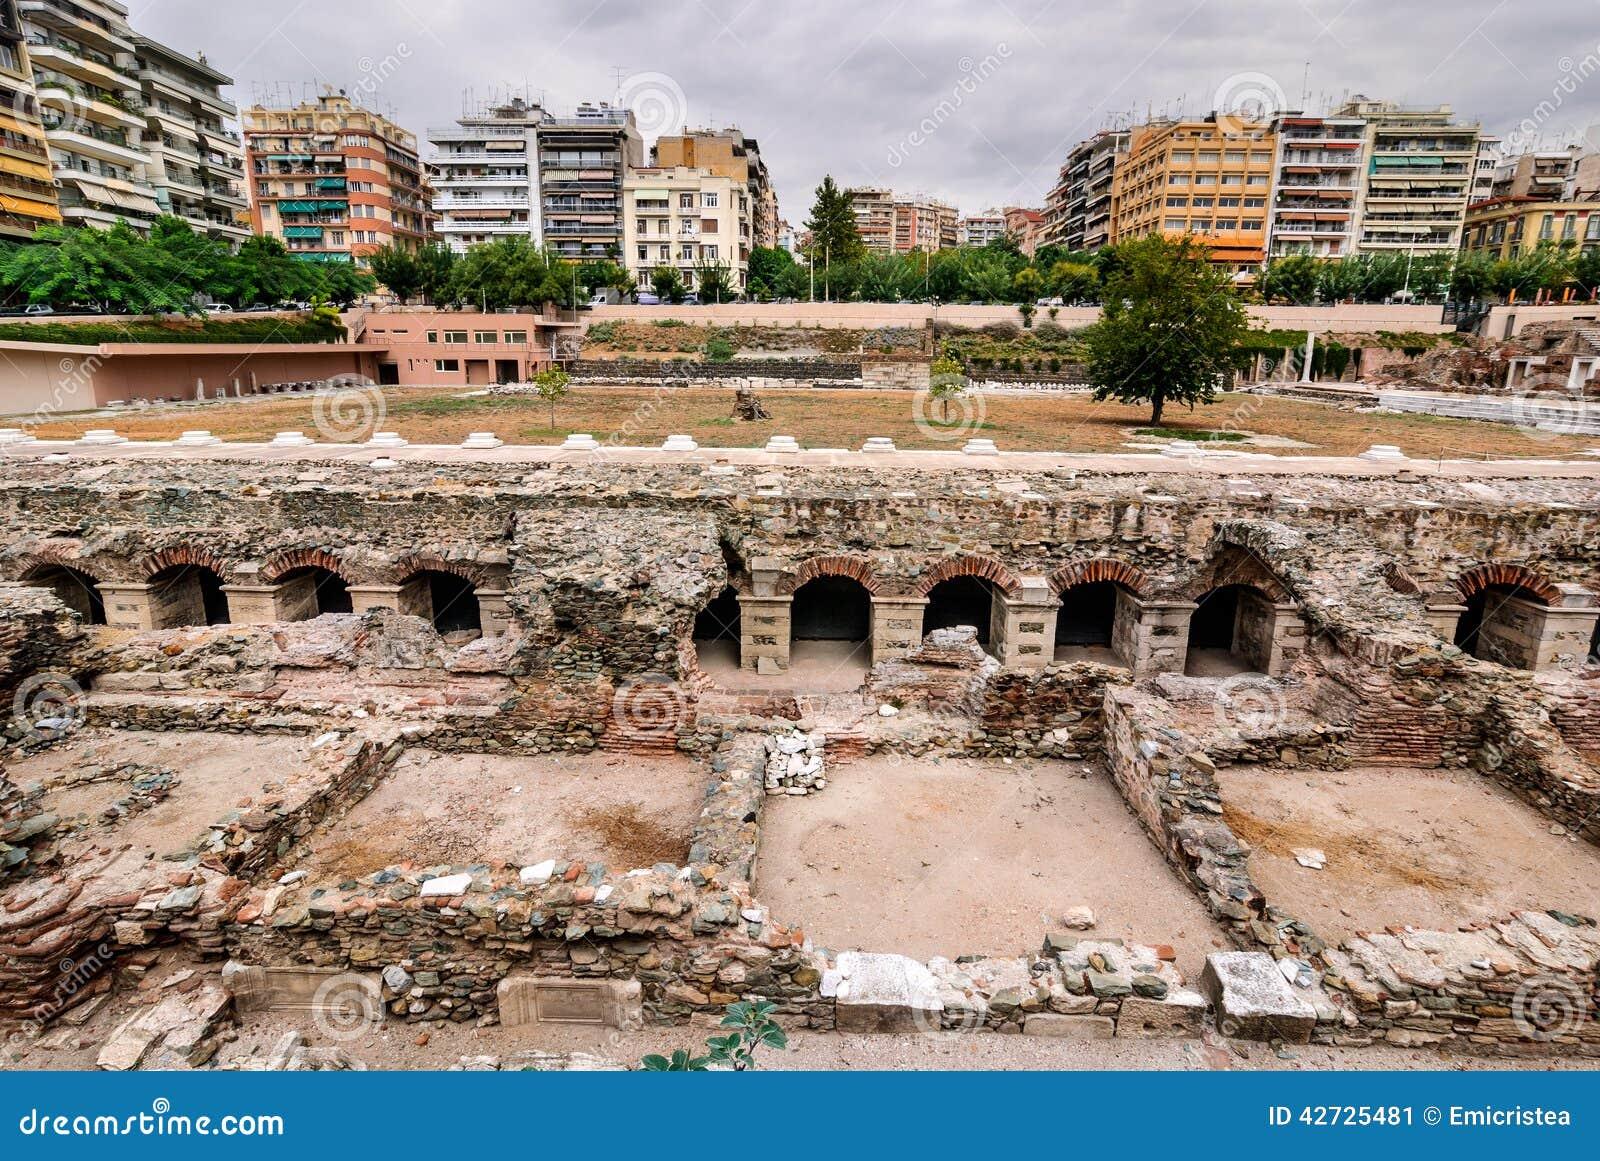 download Greek and Roman Warfare: Battles,